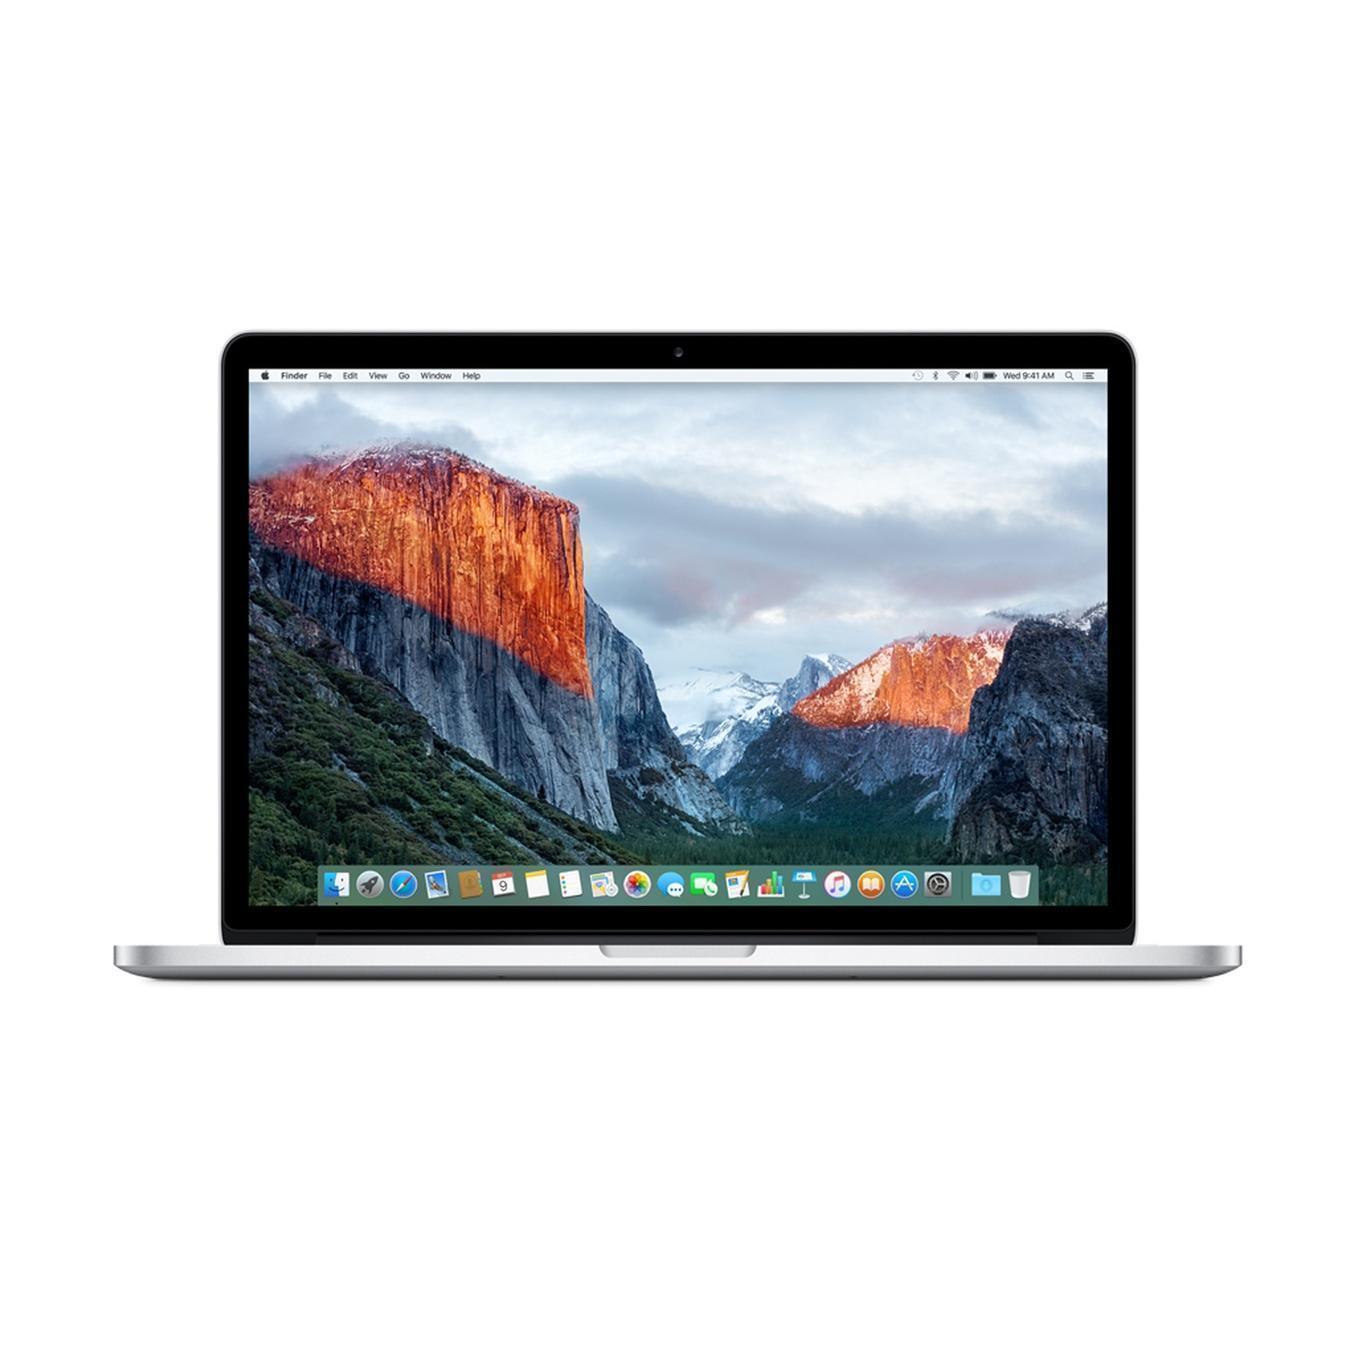 MacBook Pro Retina 15,4-tum (2013) - Core i7 - 16GB - SSD 1000 GB QWERTY - Italienska